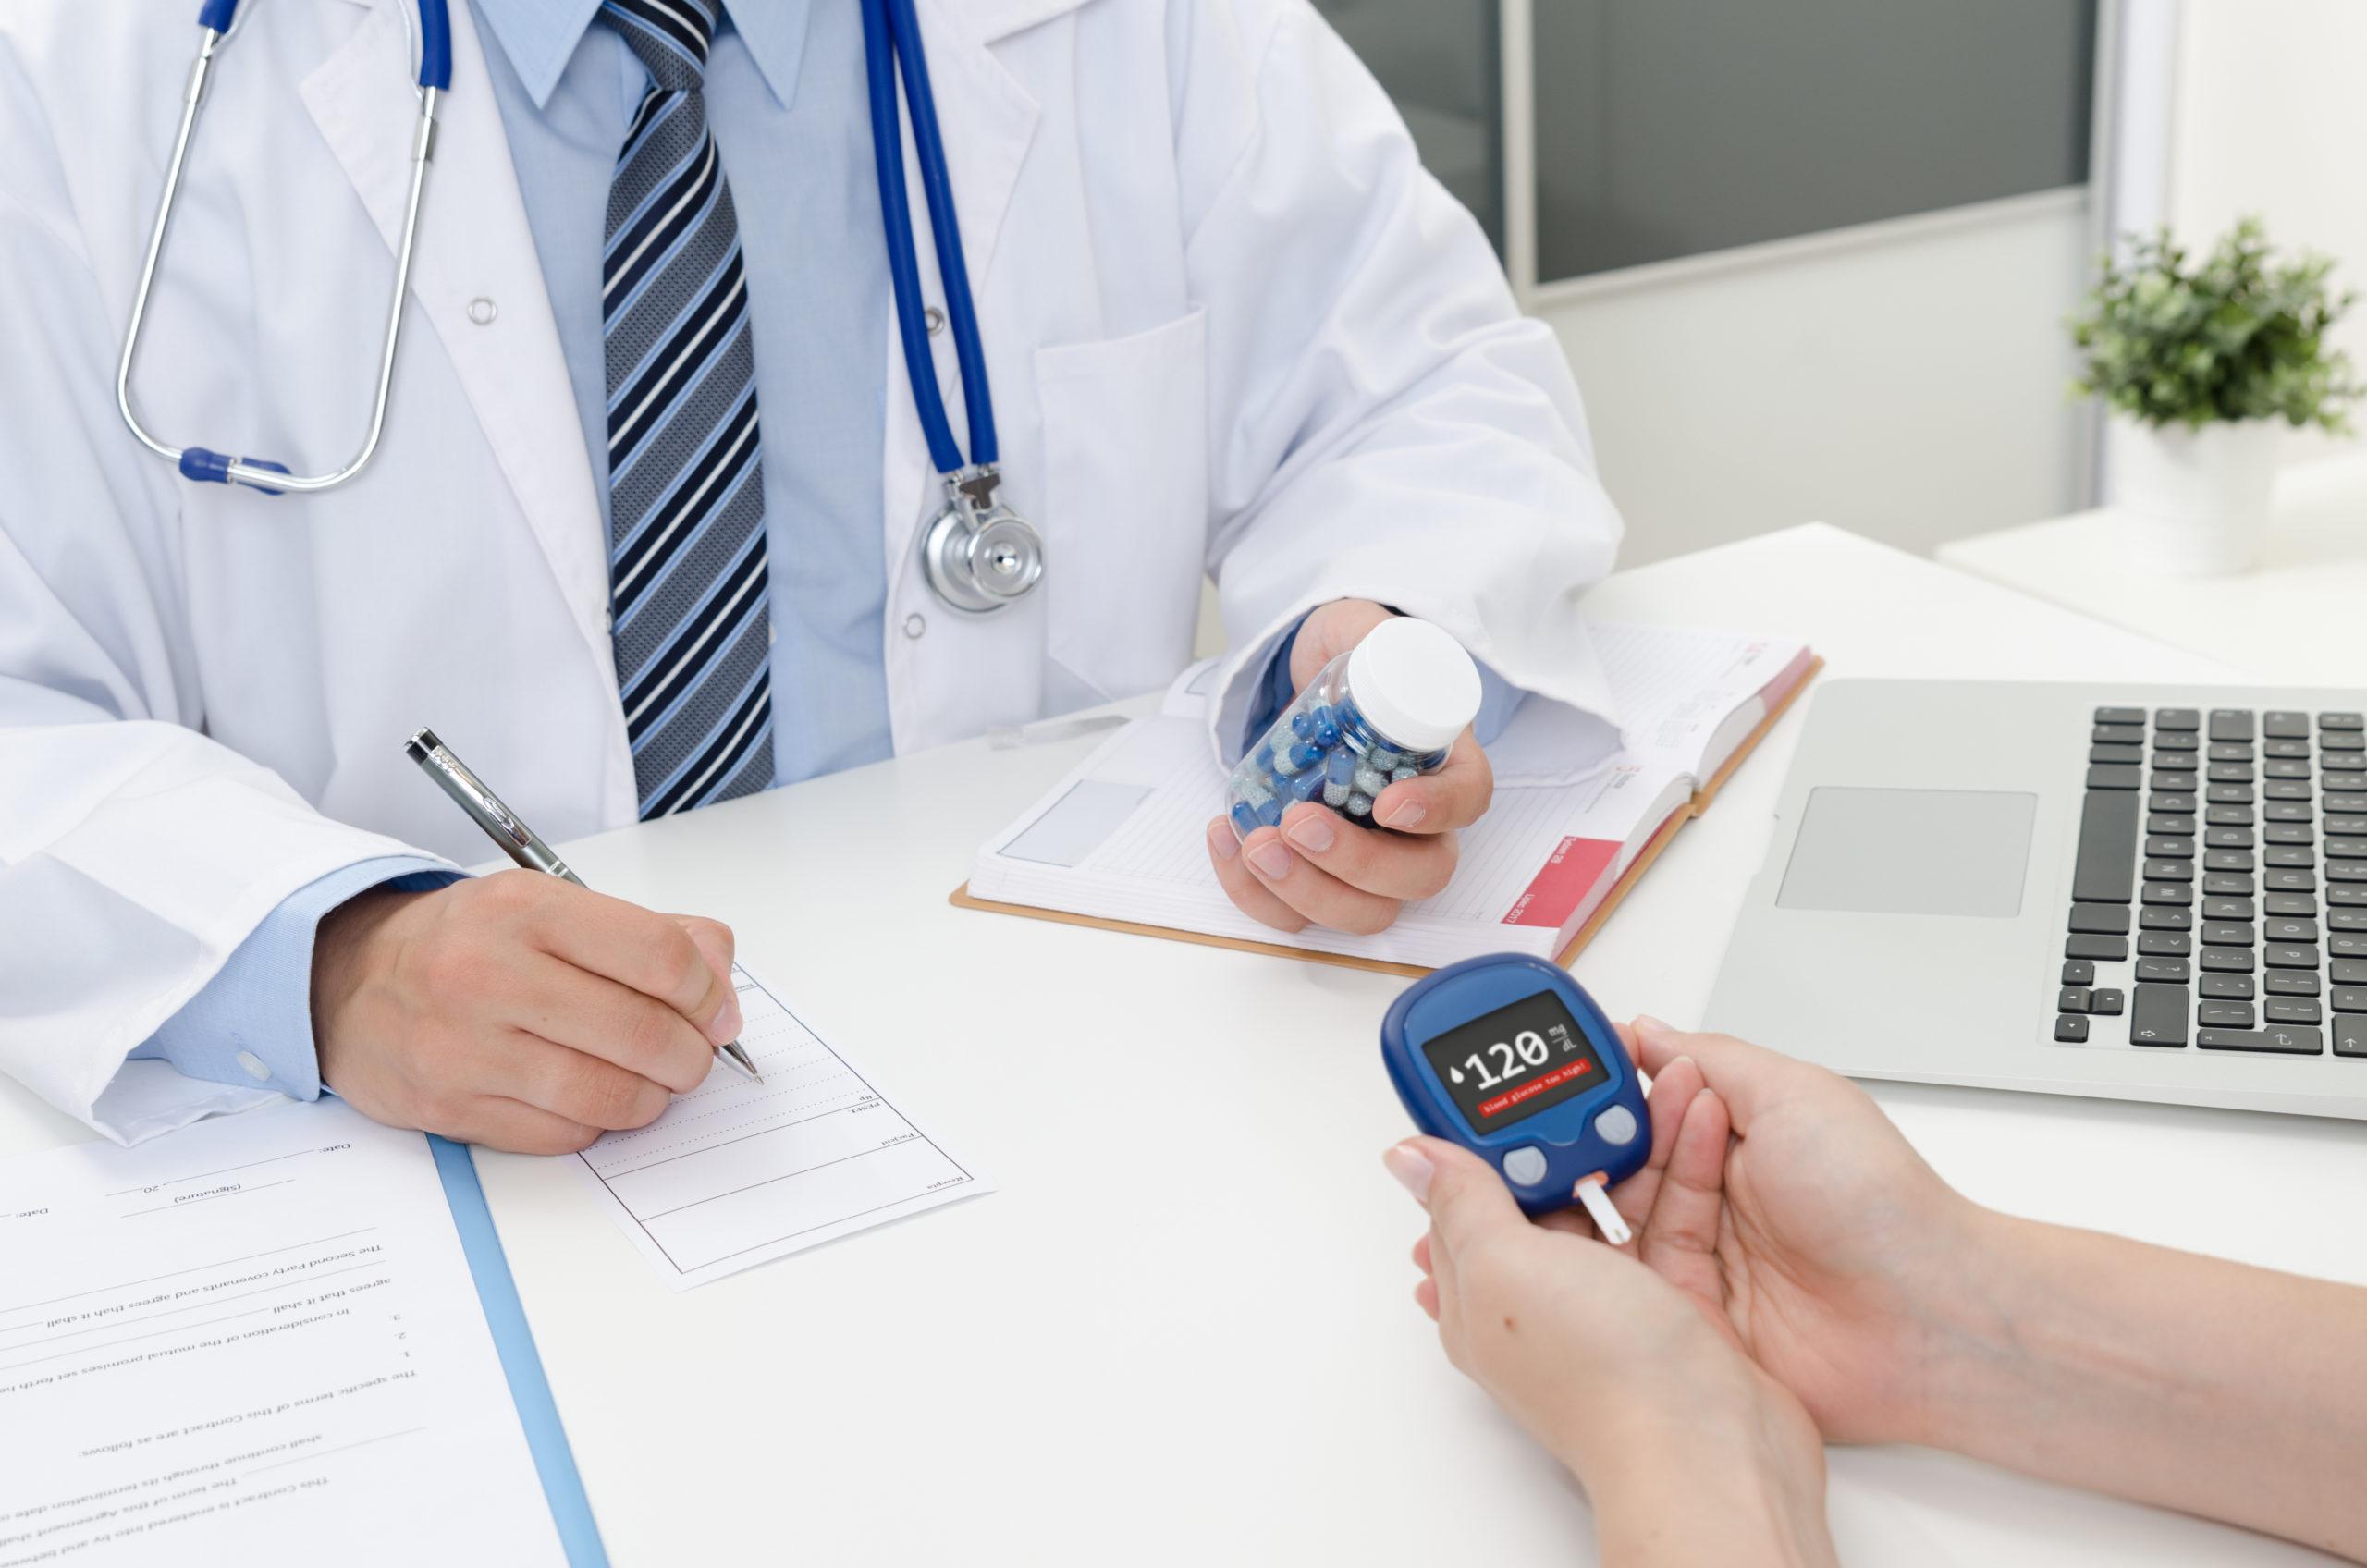 konsultacji diabetologicznej (wymaga aktualnego skierowania)